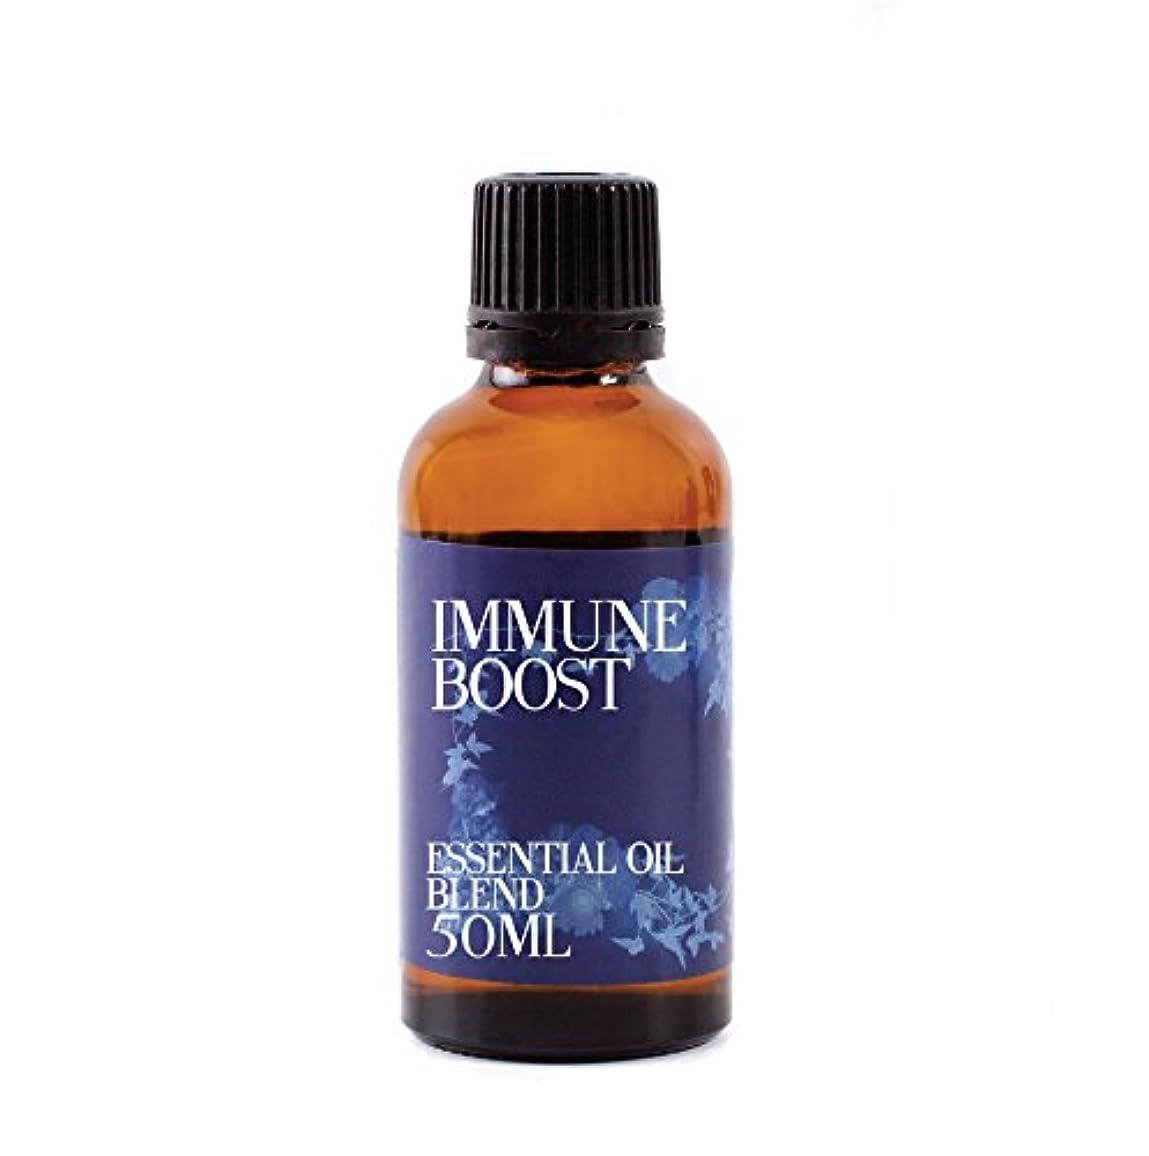 溢れんばかりの自分のために監督するMystic Moments | Immune Boost Essential Oil Blend - 50ml - 100% Pure